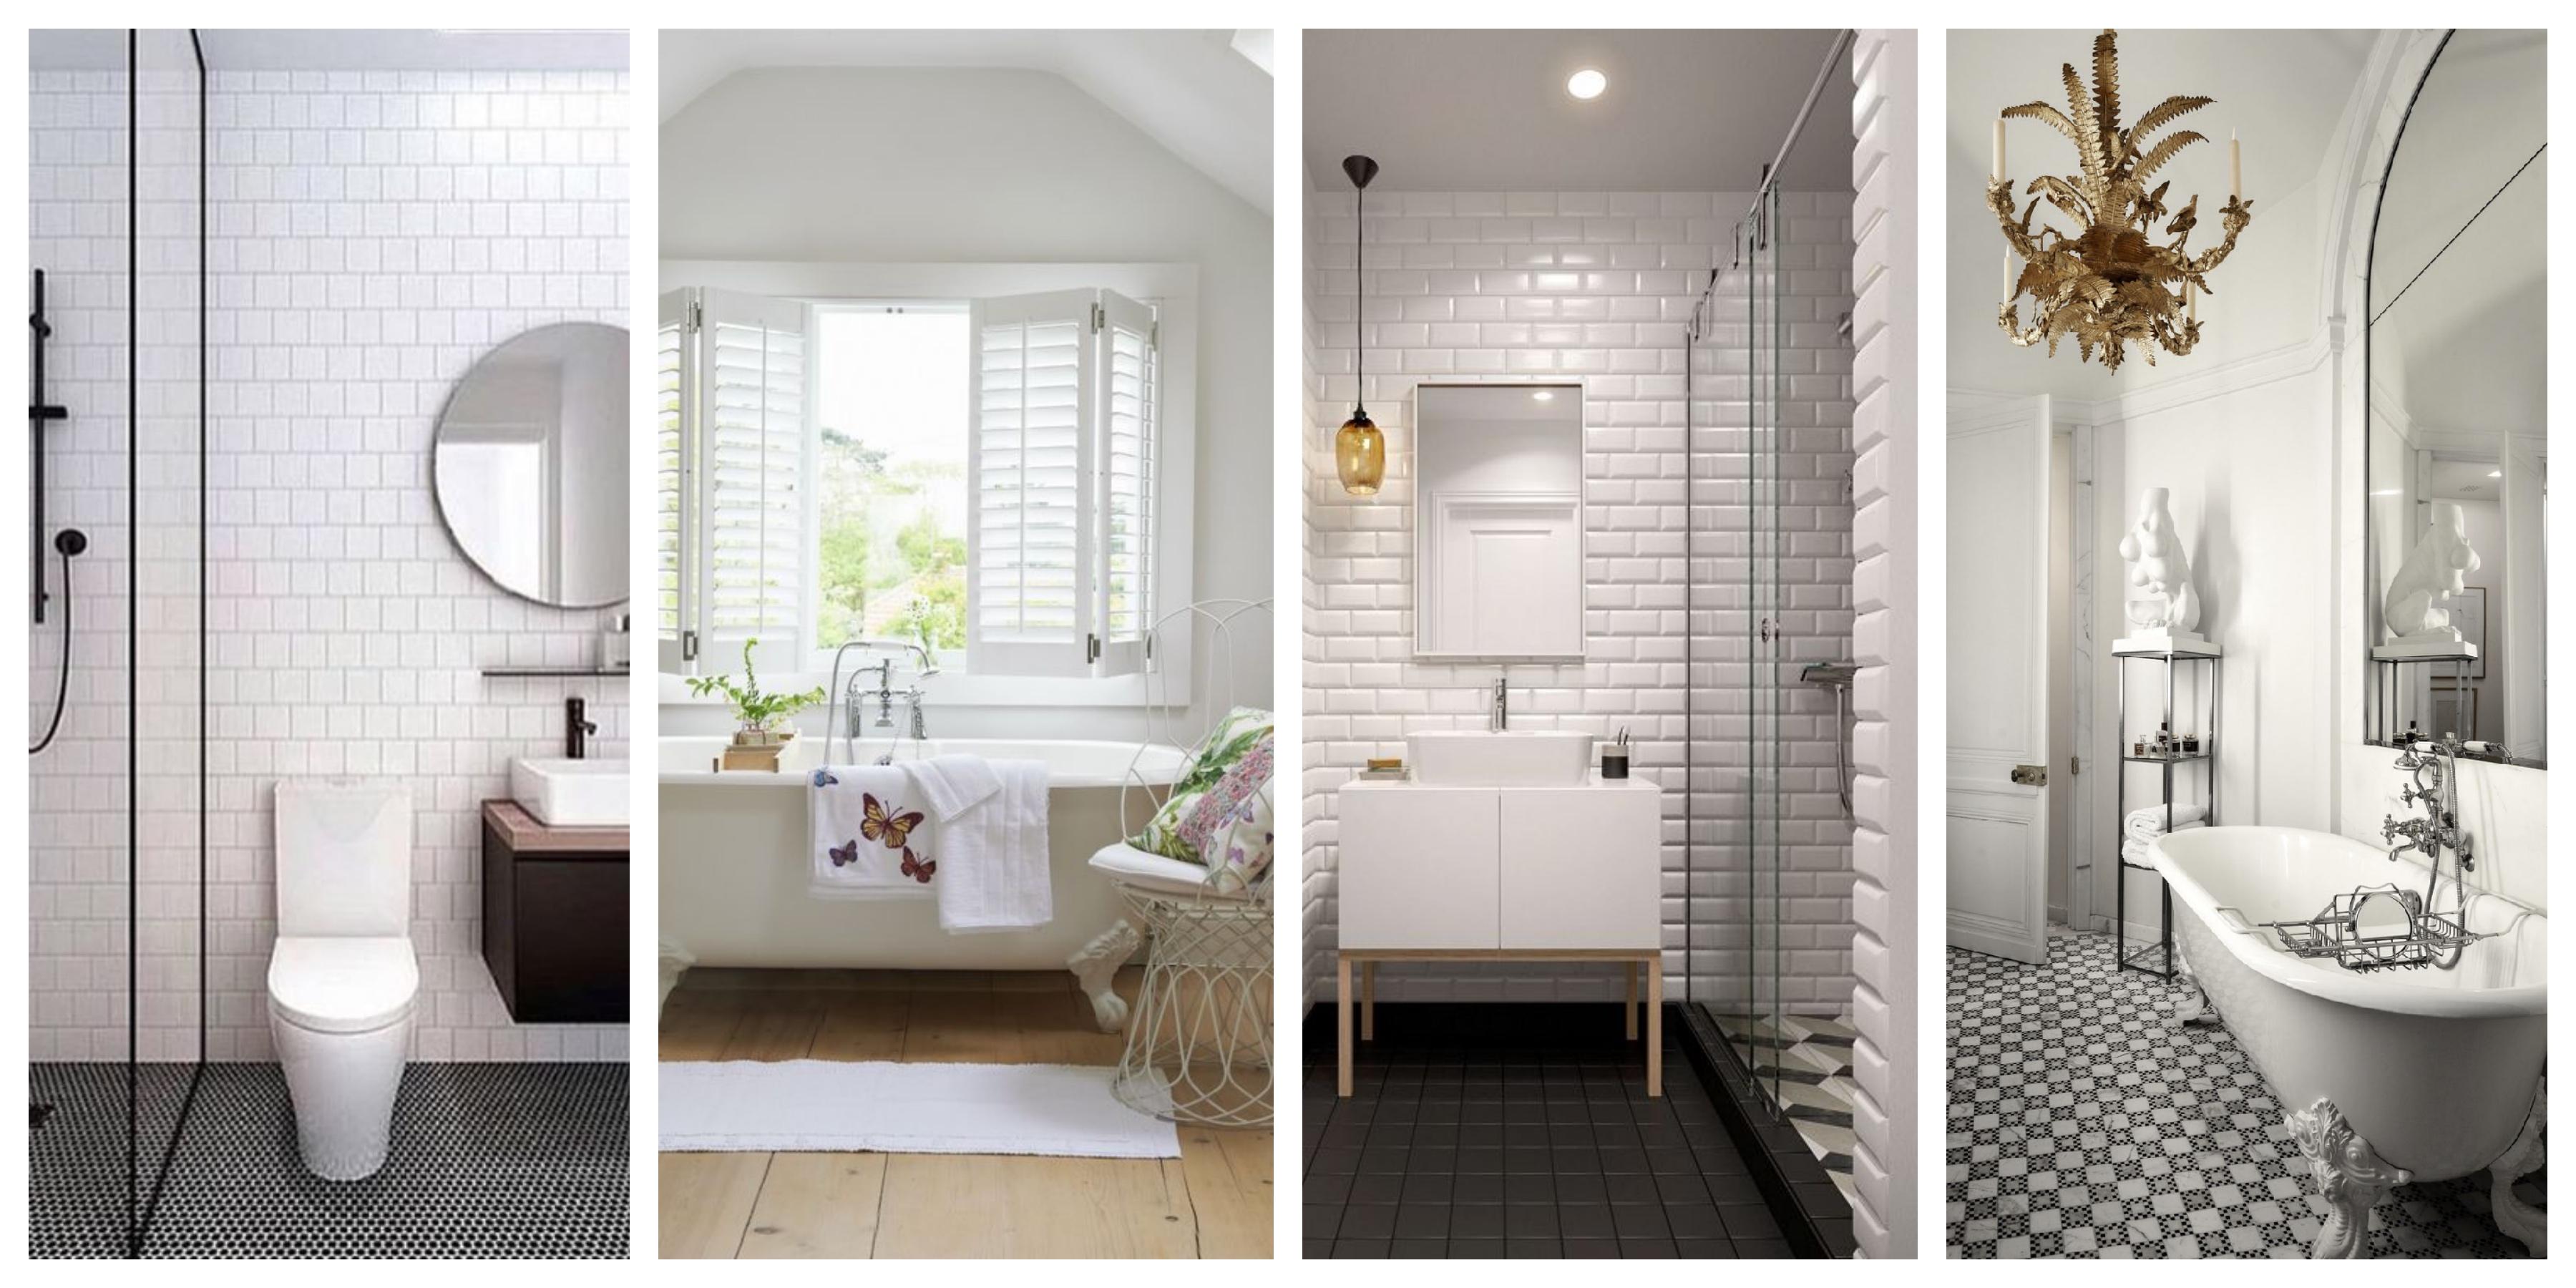 Bílá koupelna inspirace, fotogalerie